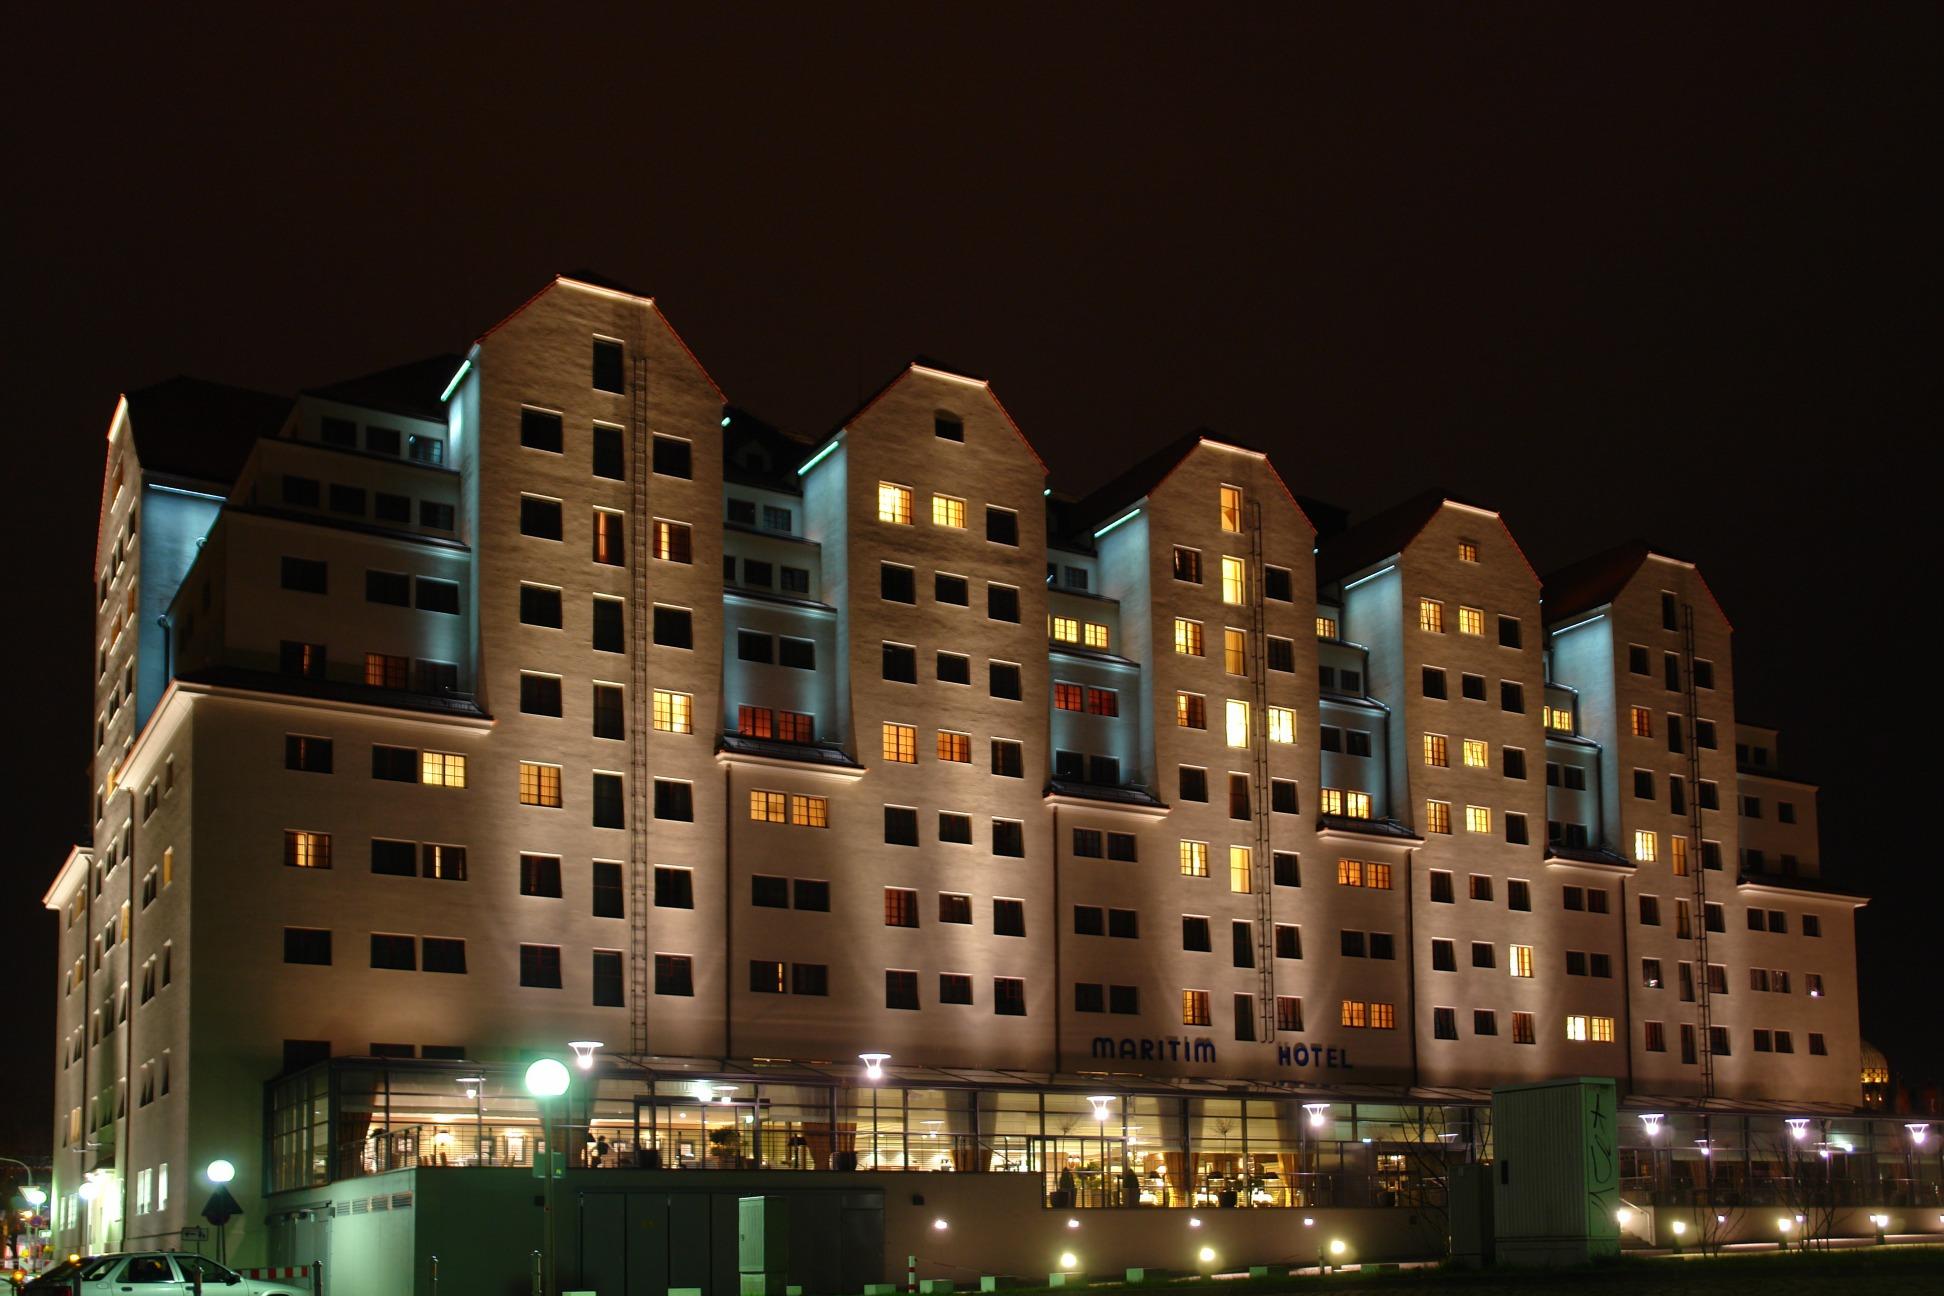 Maritim Hotel bei Nacht